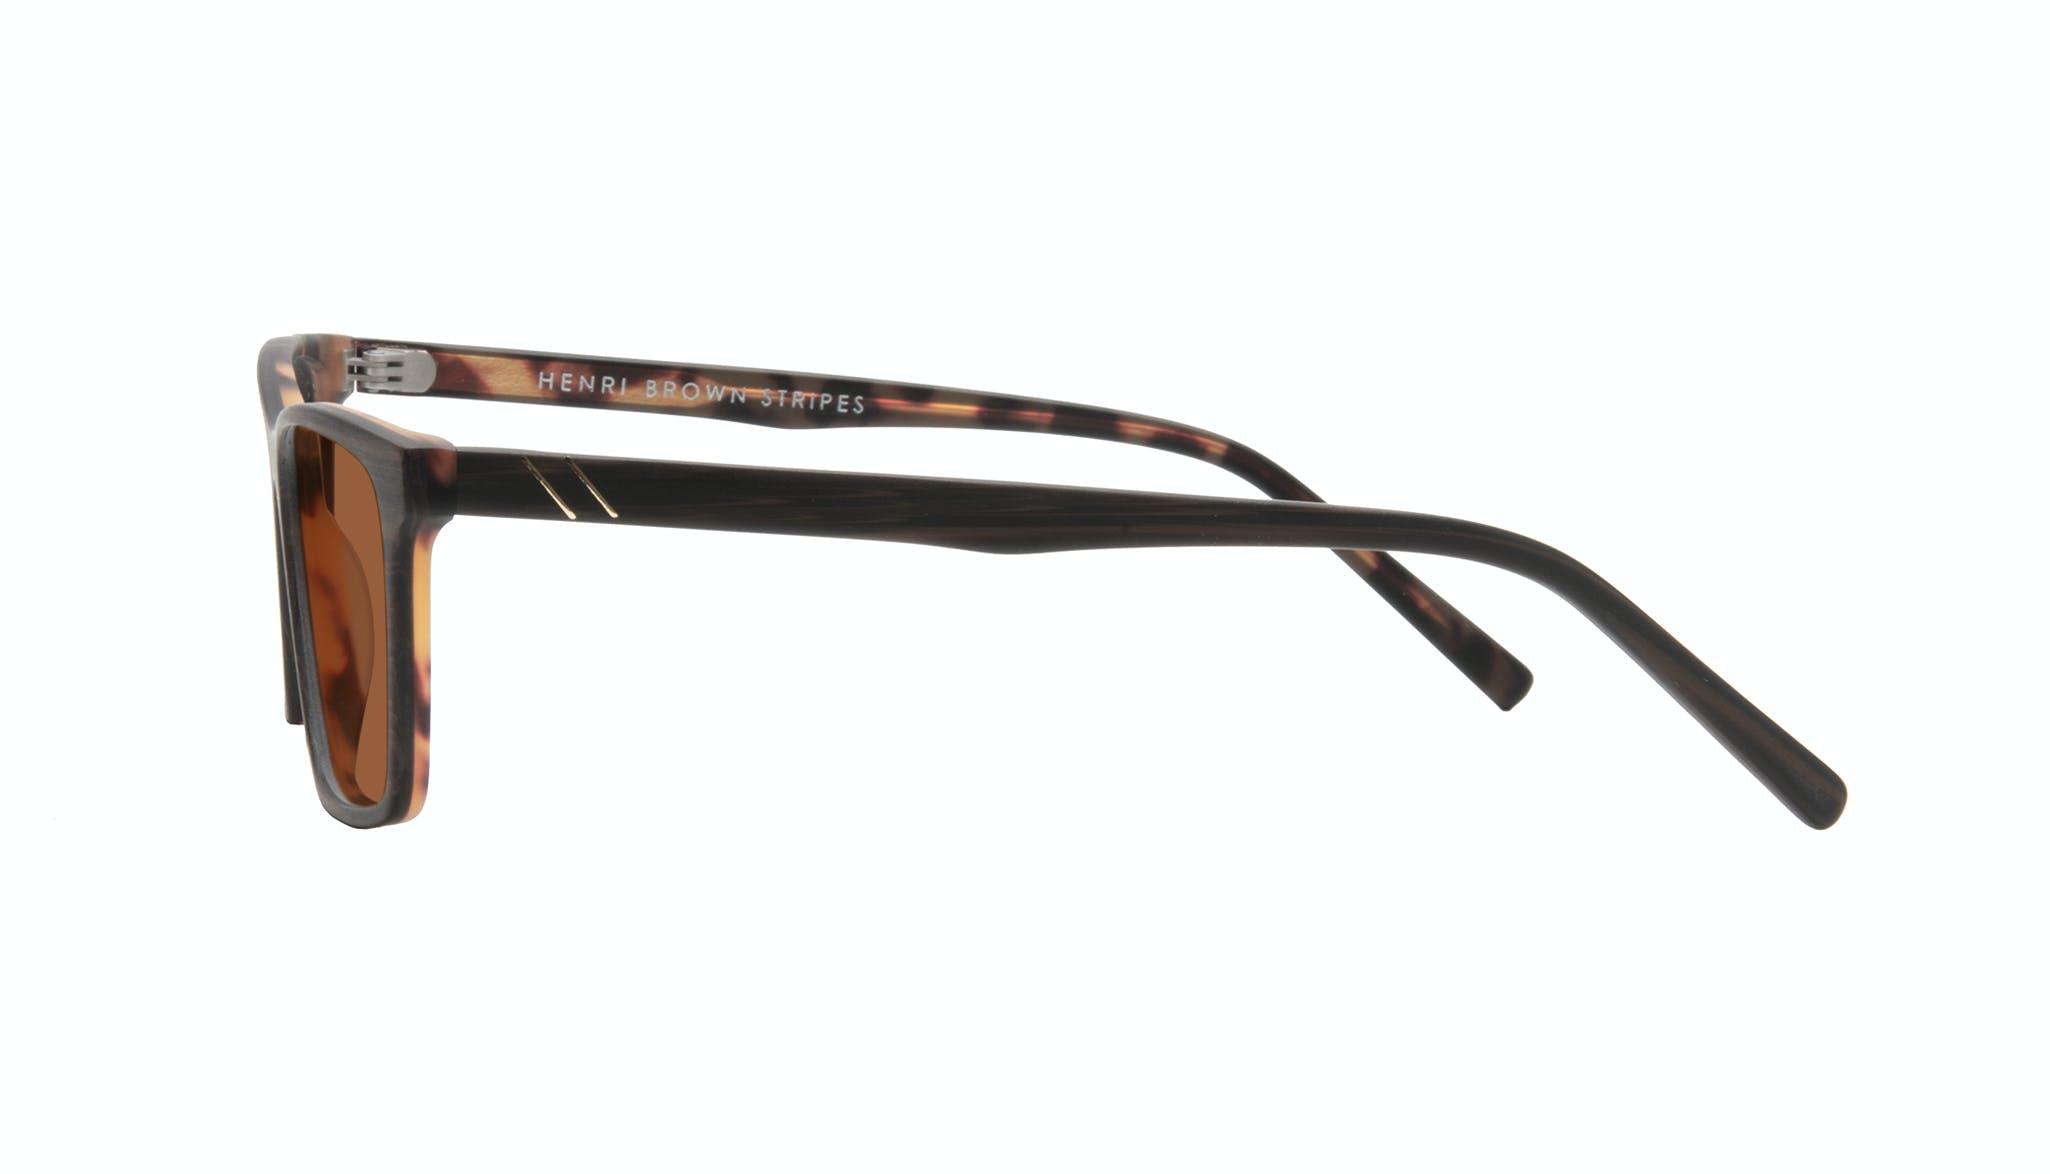 Lunettes tendance Rectangle Lunettes de soleil Hommes Henri Brown Stripes Profil